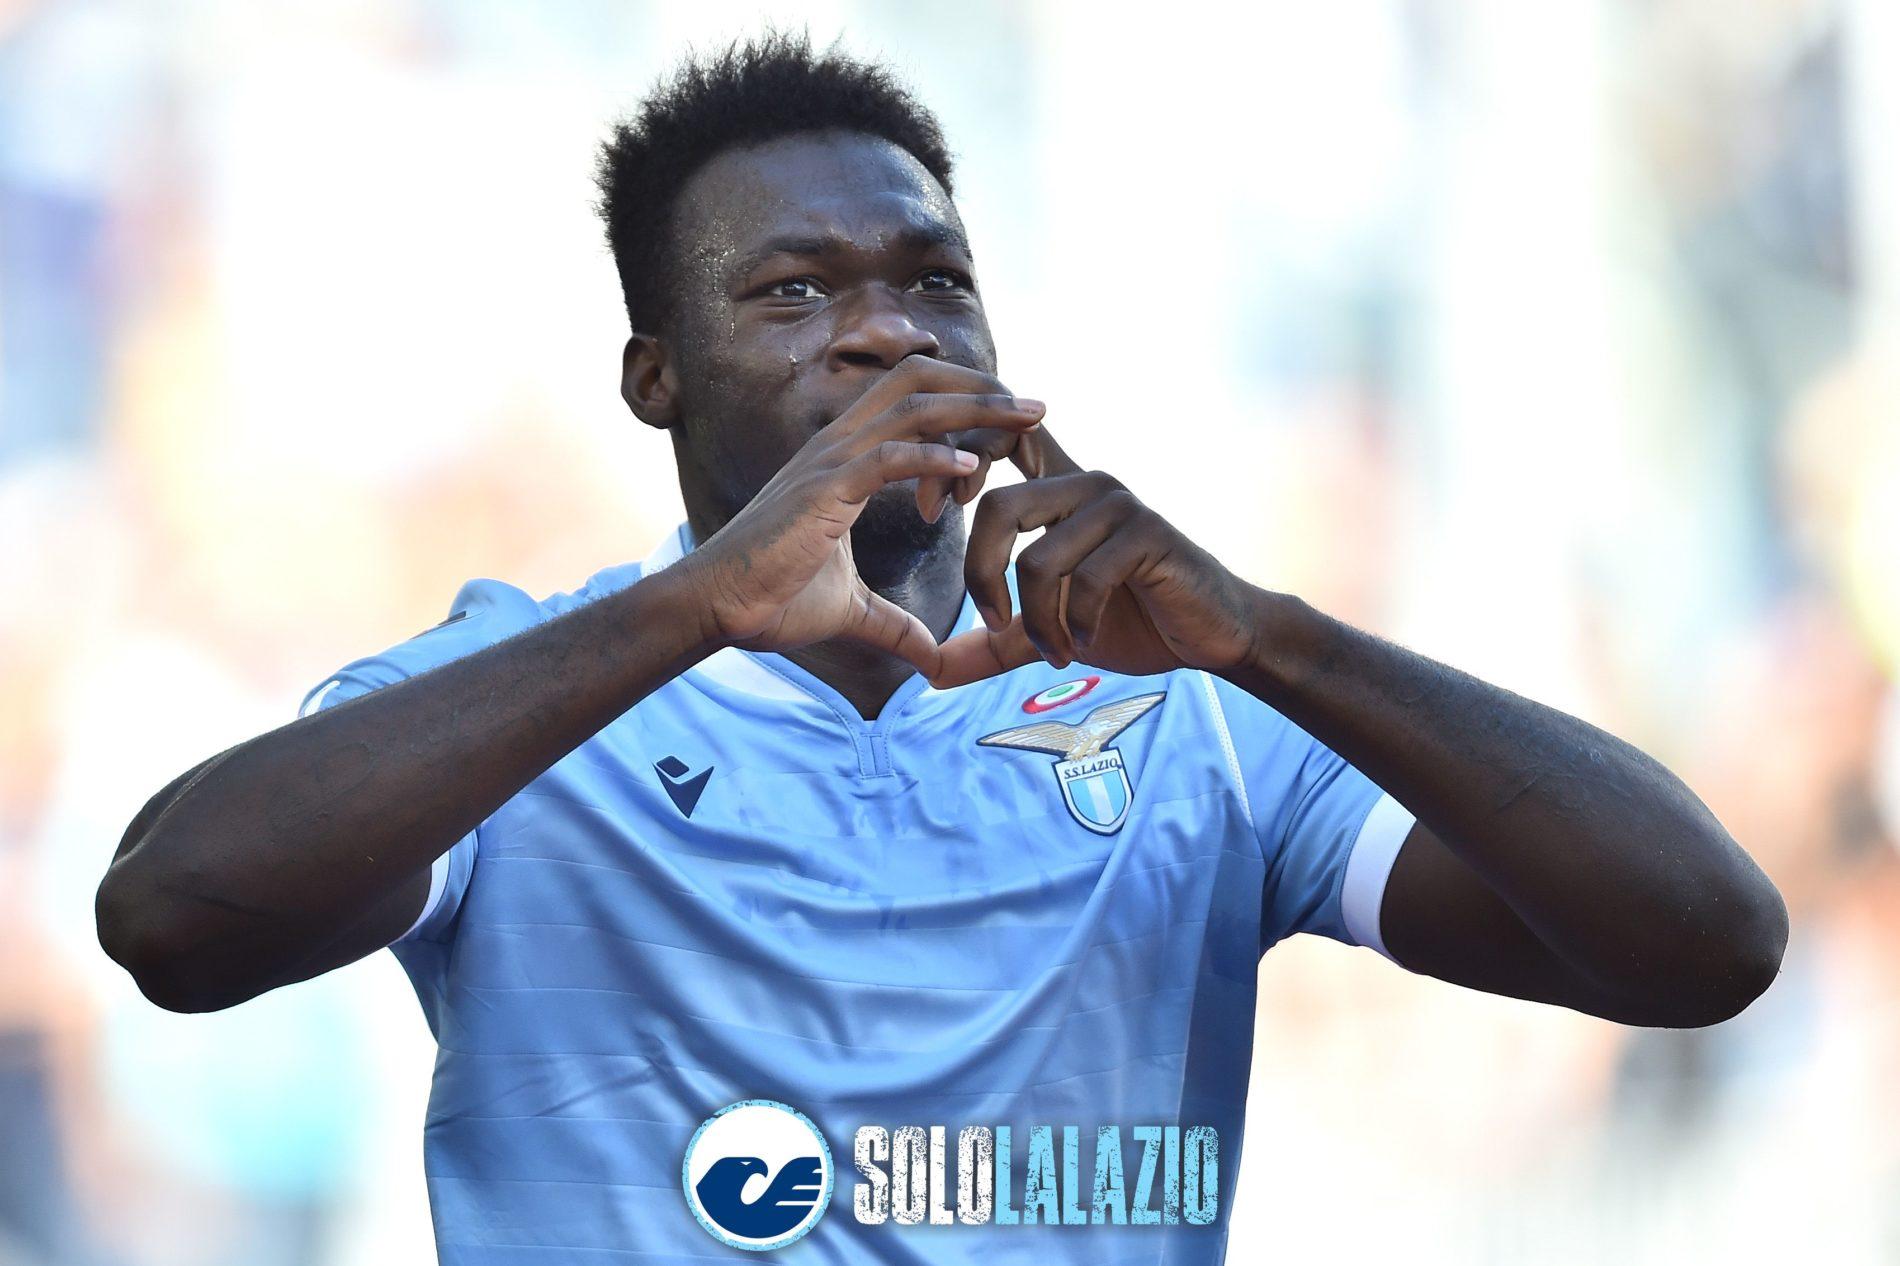 Lazio, c'è posta per te: il messaggio delle tifose biancocelesti (FOTO)